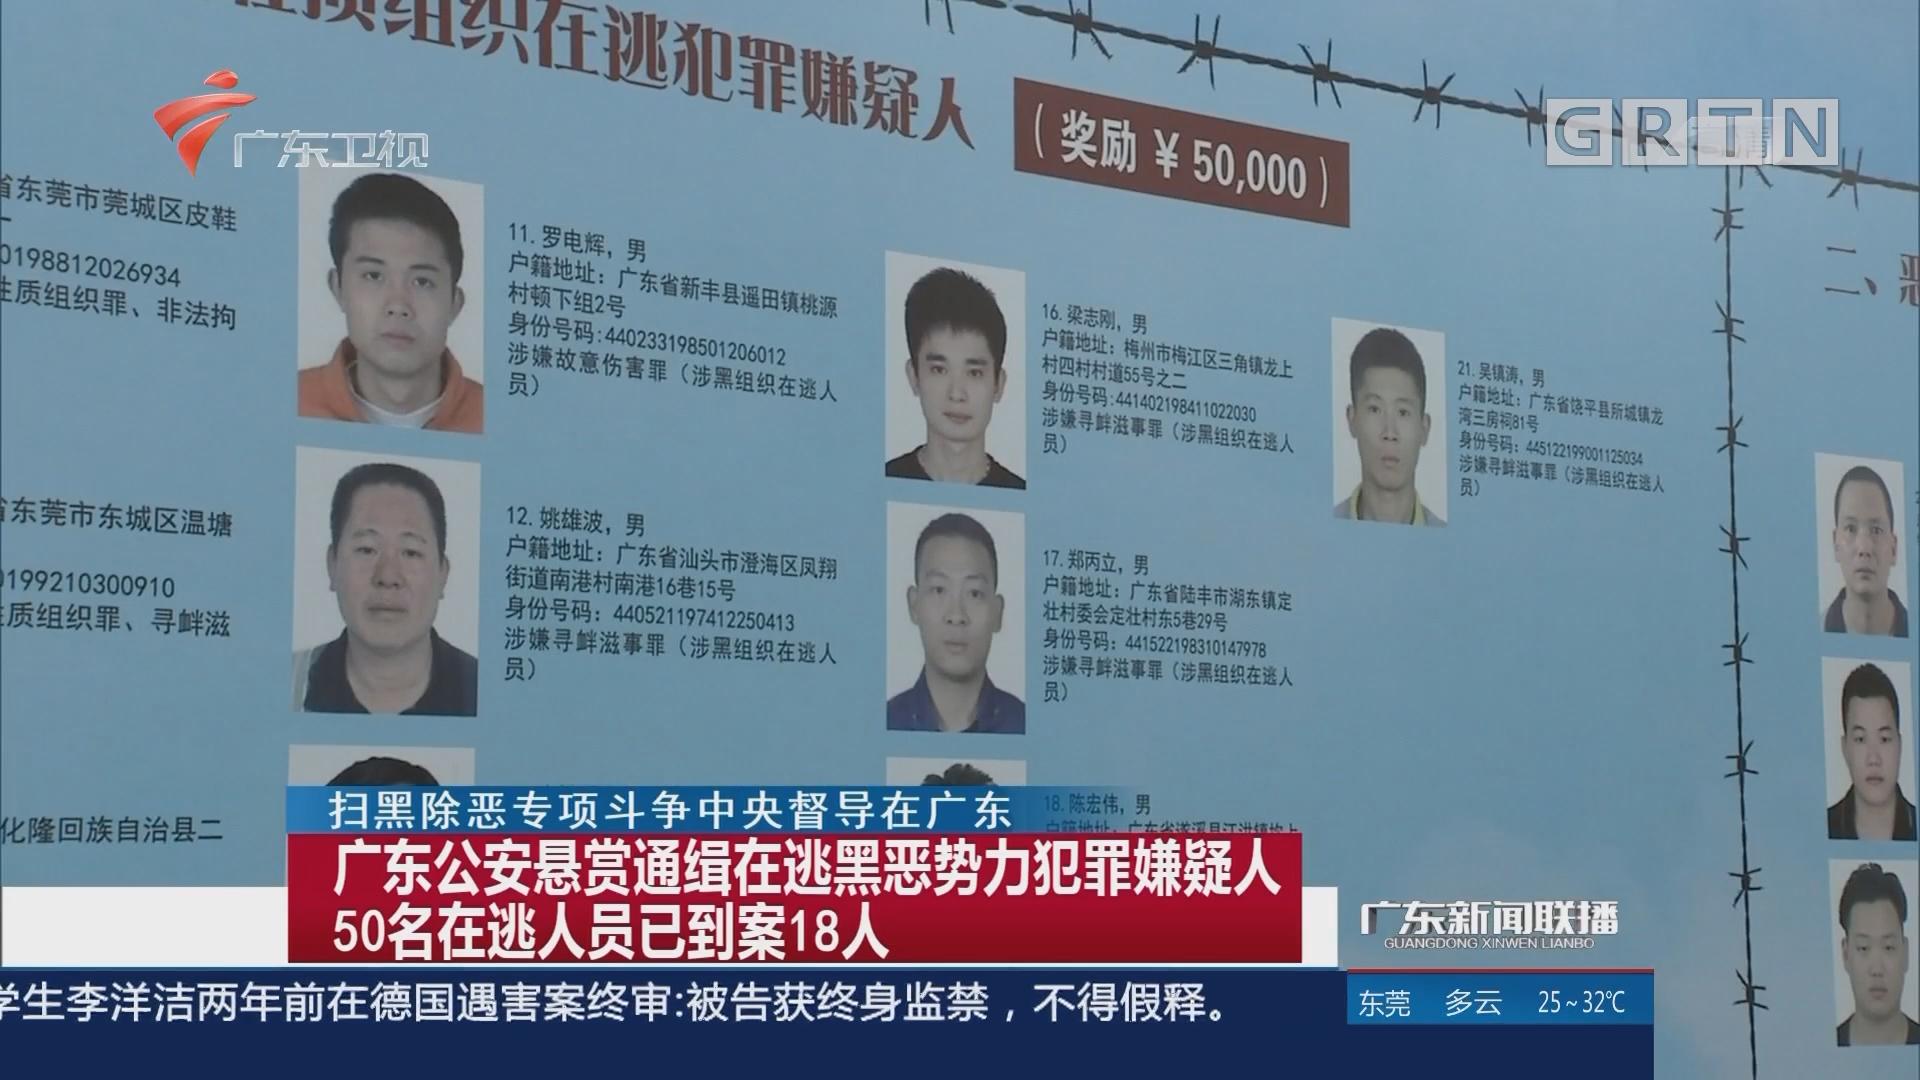 广东公安悬赏通缉在逃黑恶势力犯罪嫌疑人 50名在逃人员已到案18人